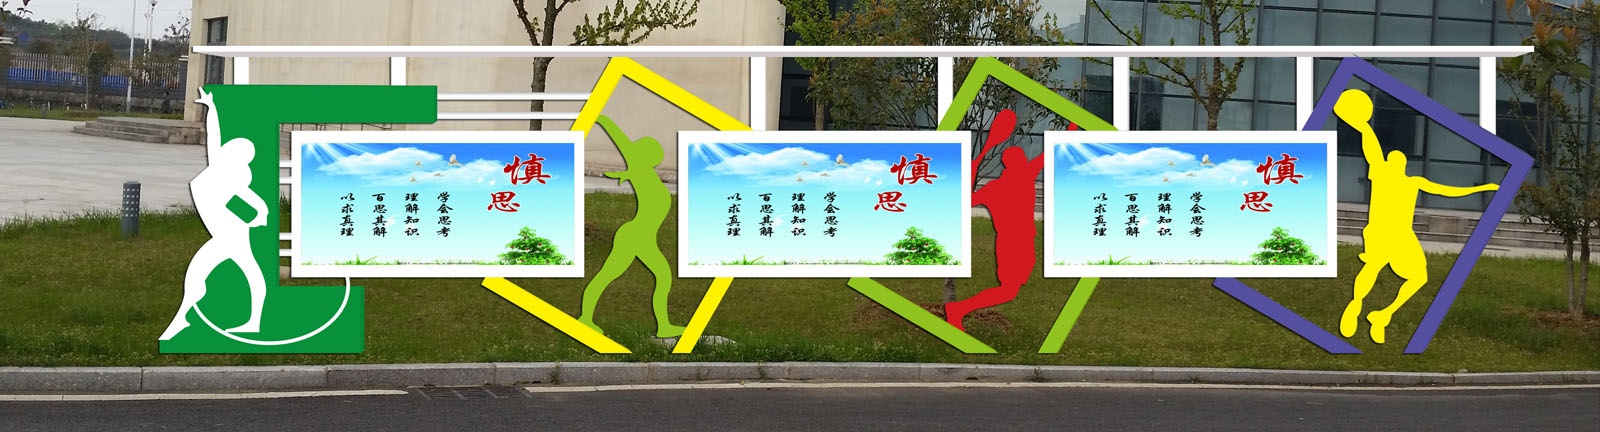 北京公交候车亭